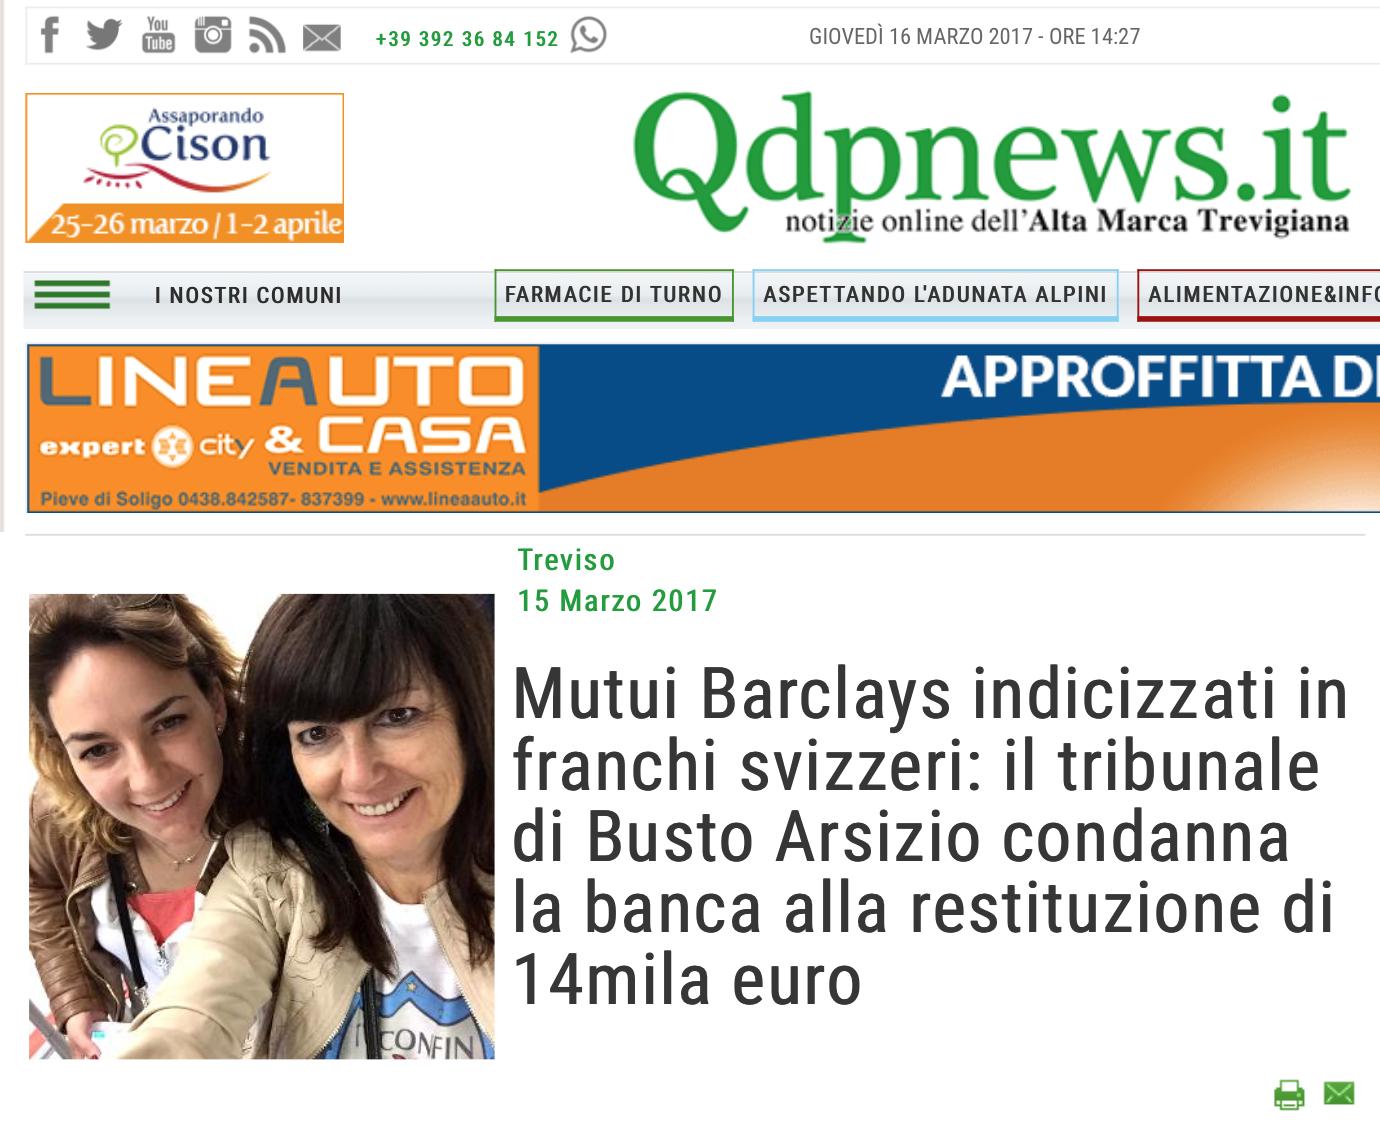 Qdpnews.it: Mutui Barclays indicizzati in franchi svizzeri: il tribunale di Busto Arsizio condanna la banca alla restituzione di 14mila euro